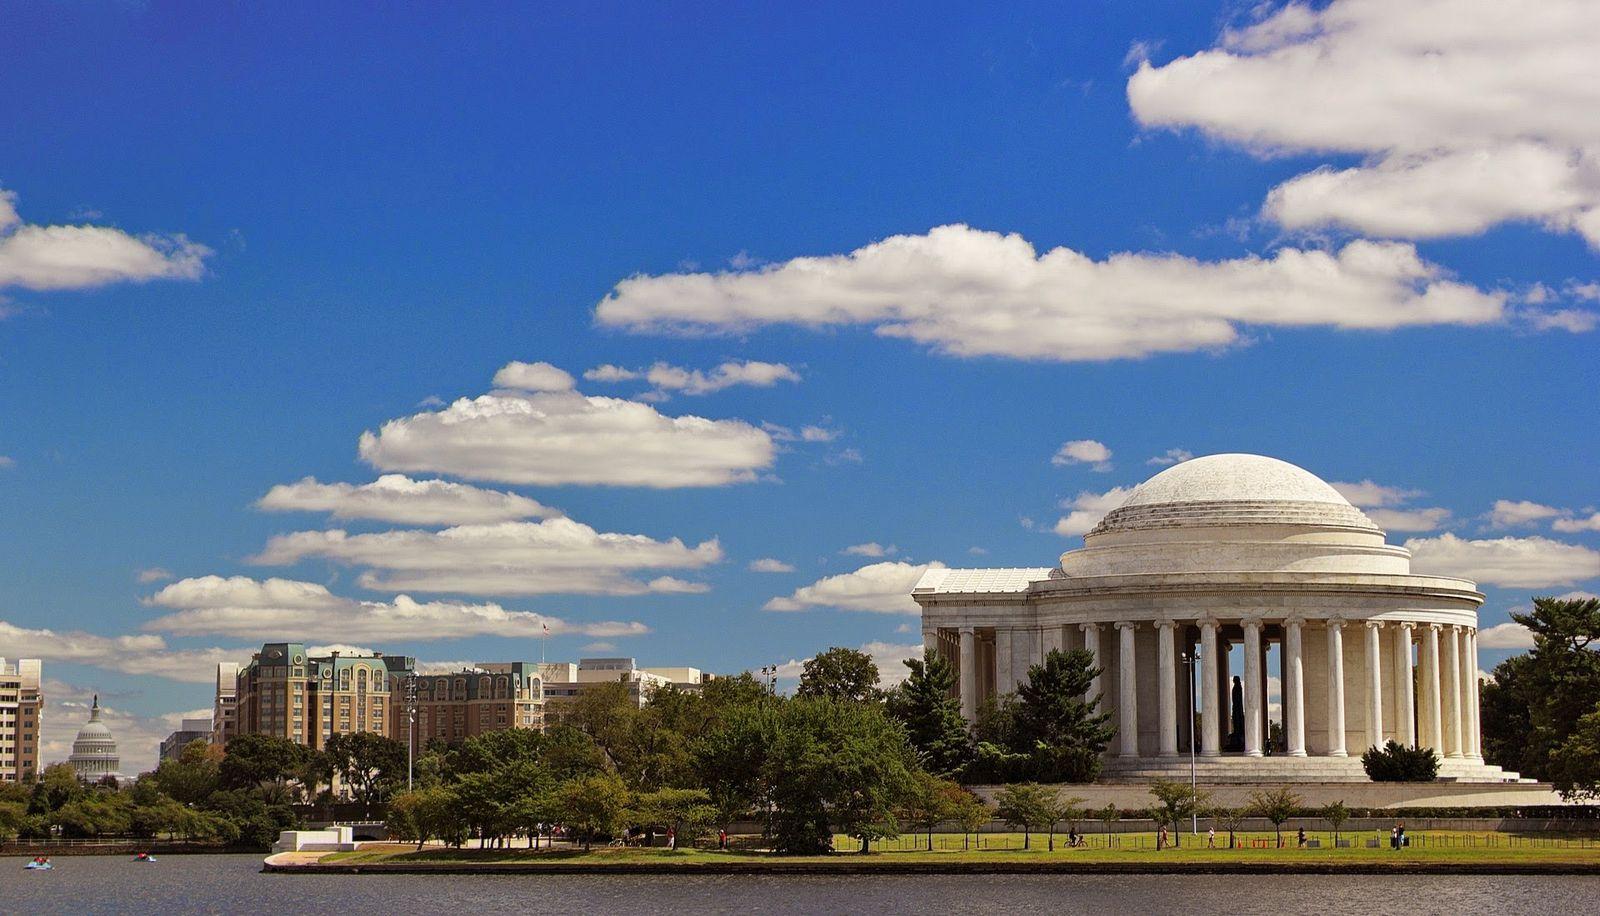 Jefferson nunca perdió de vista el Capitolio